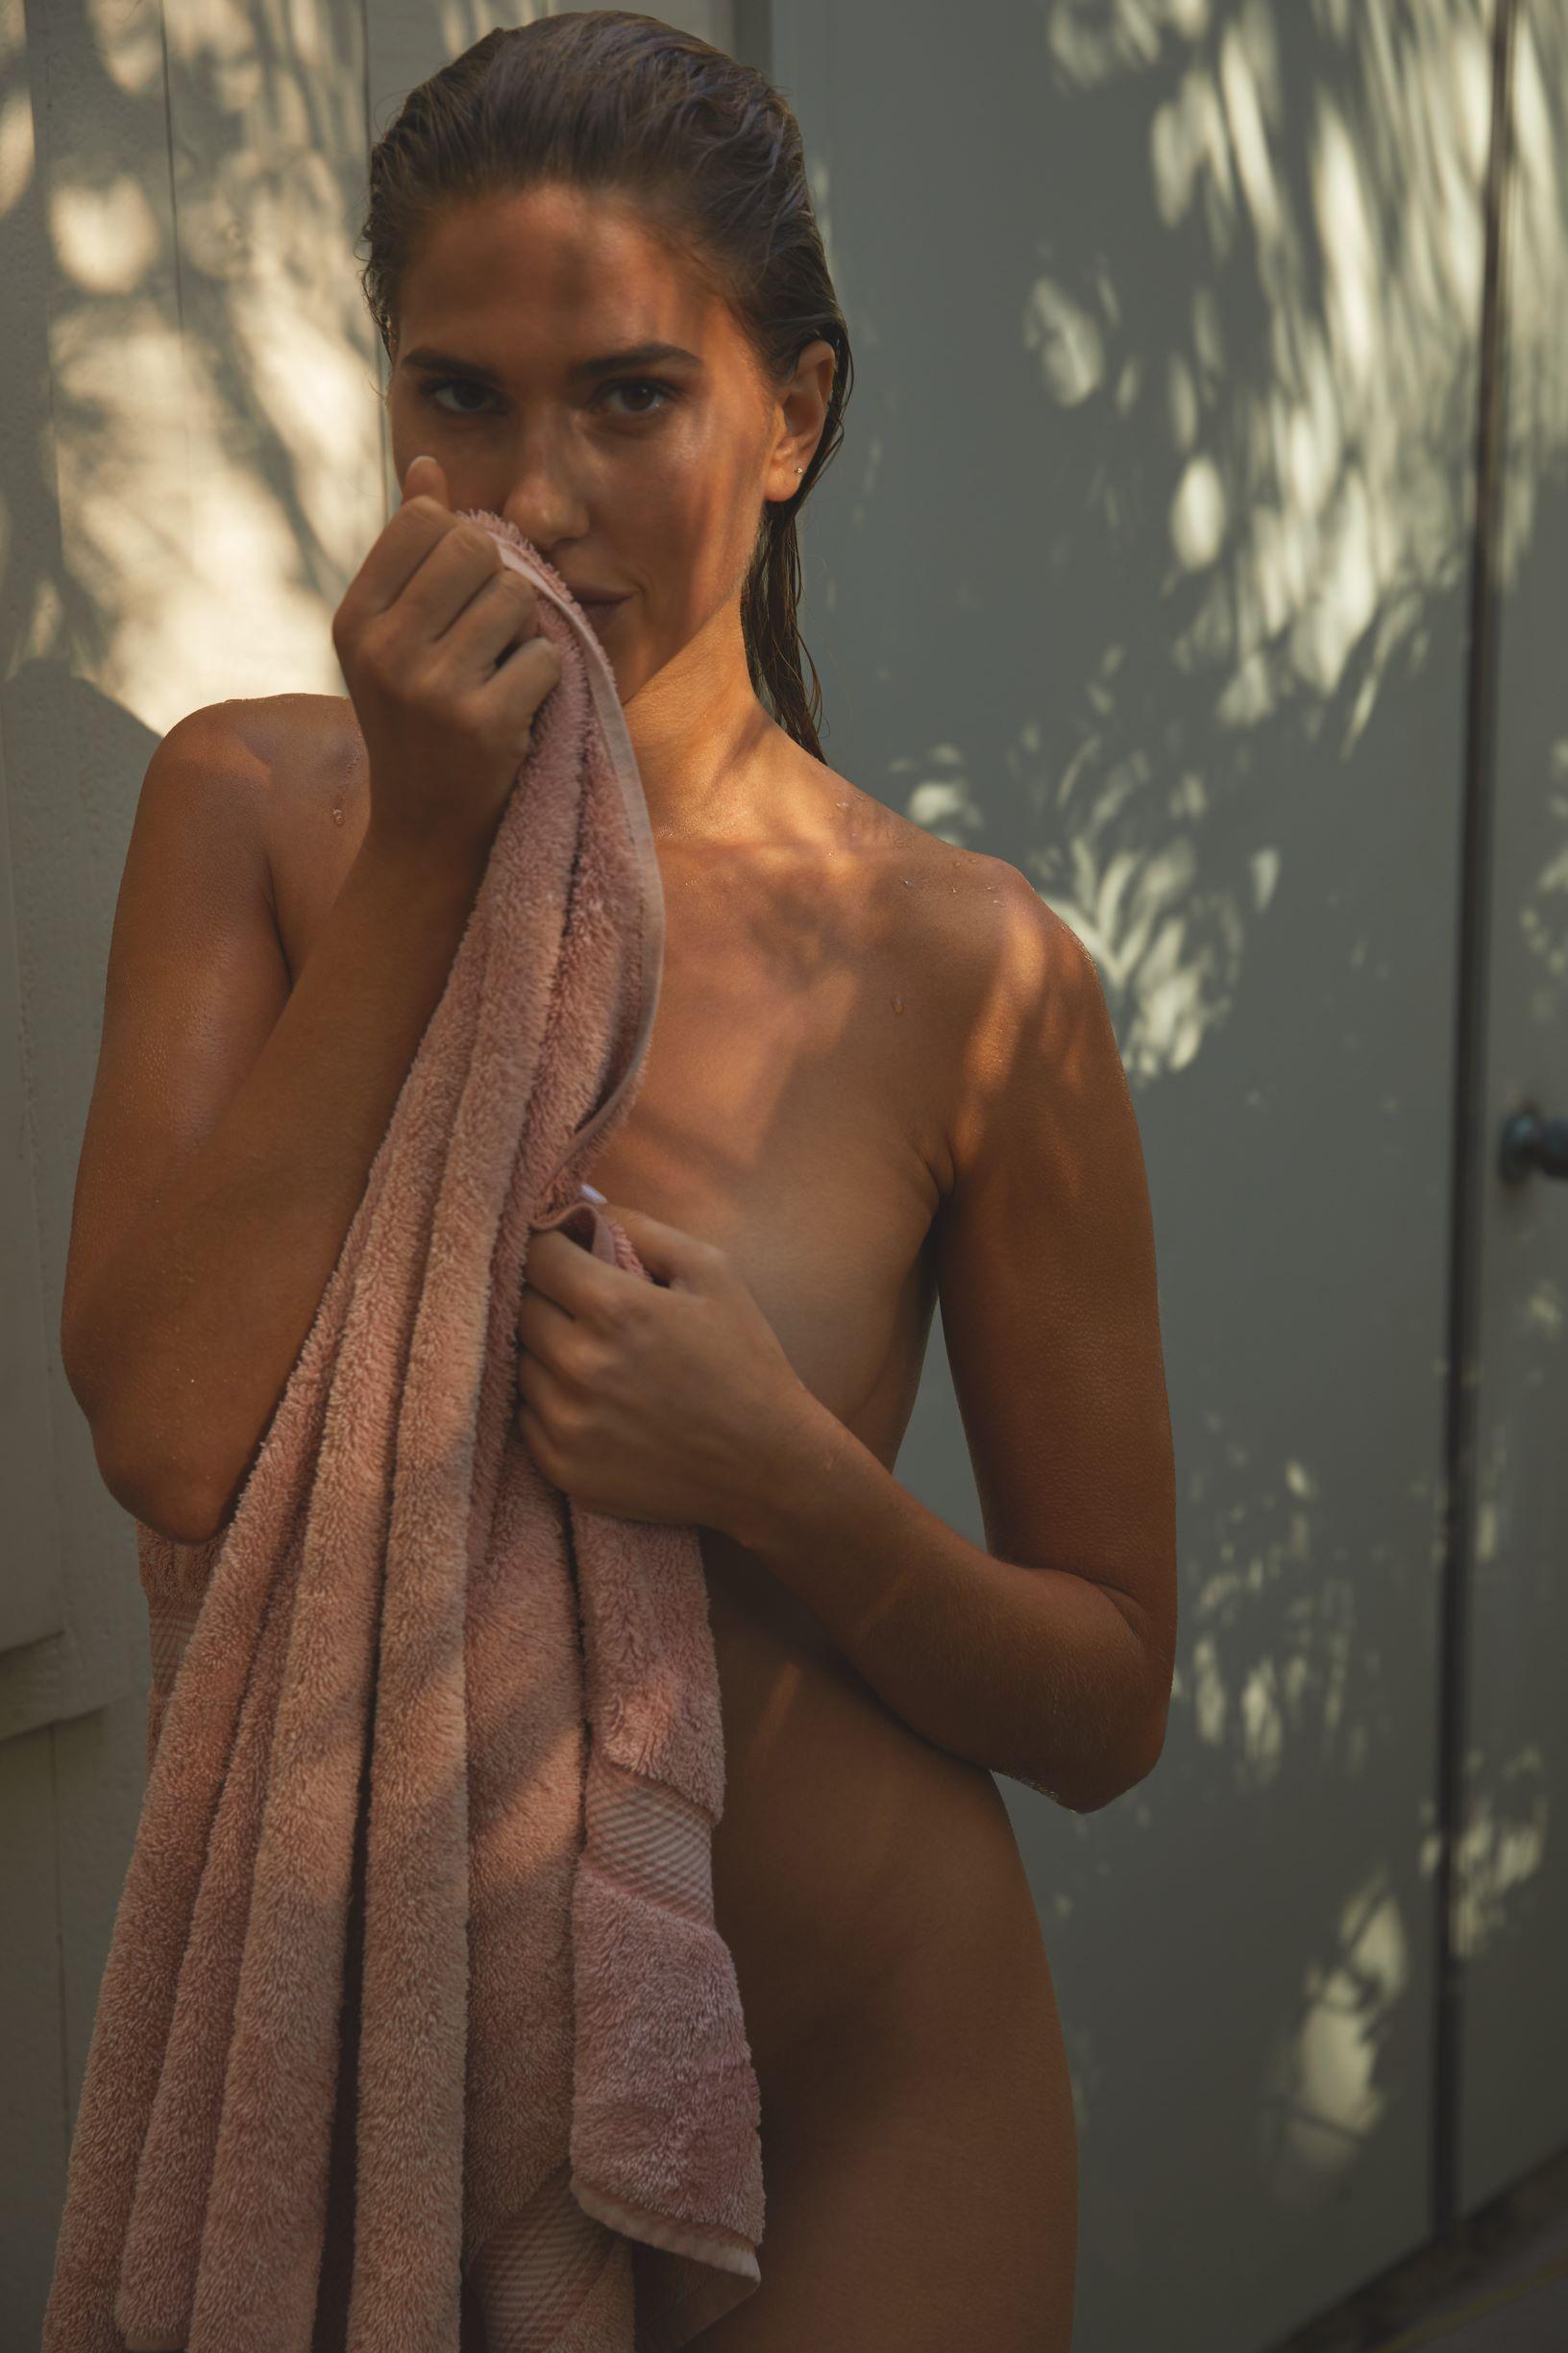 Kara Del Toro Hot Naked Boobs And Ass